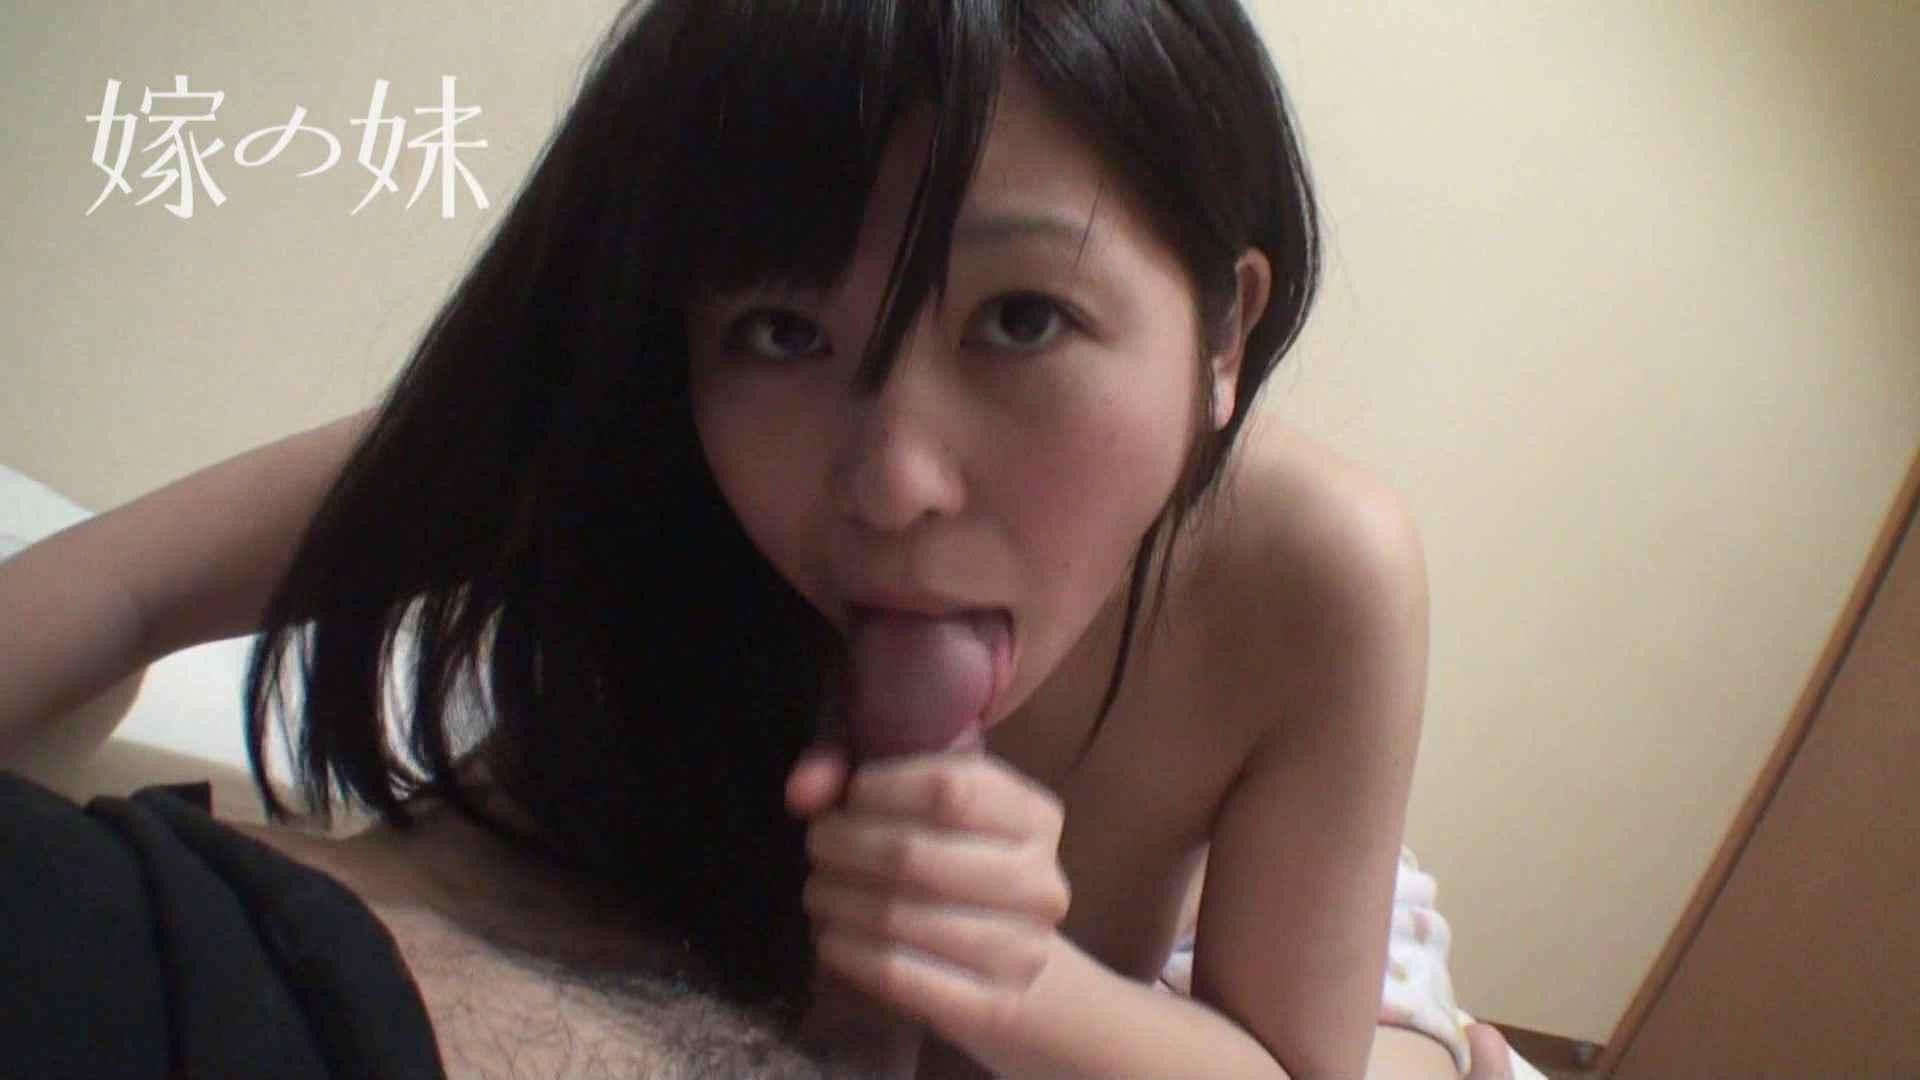 居候中の嫁の妹 vol.2 性欲  106pic 54